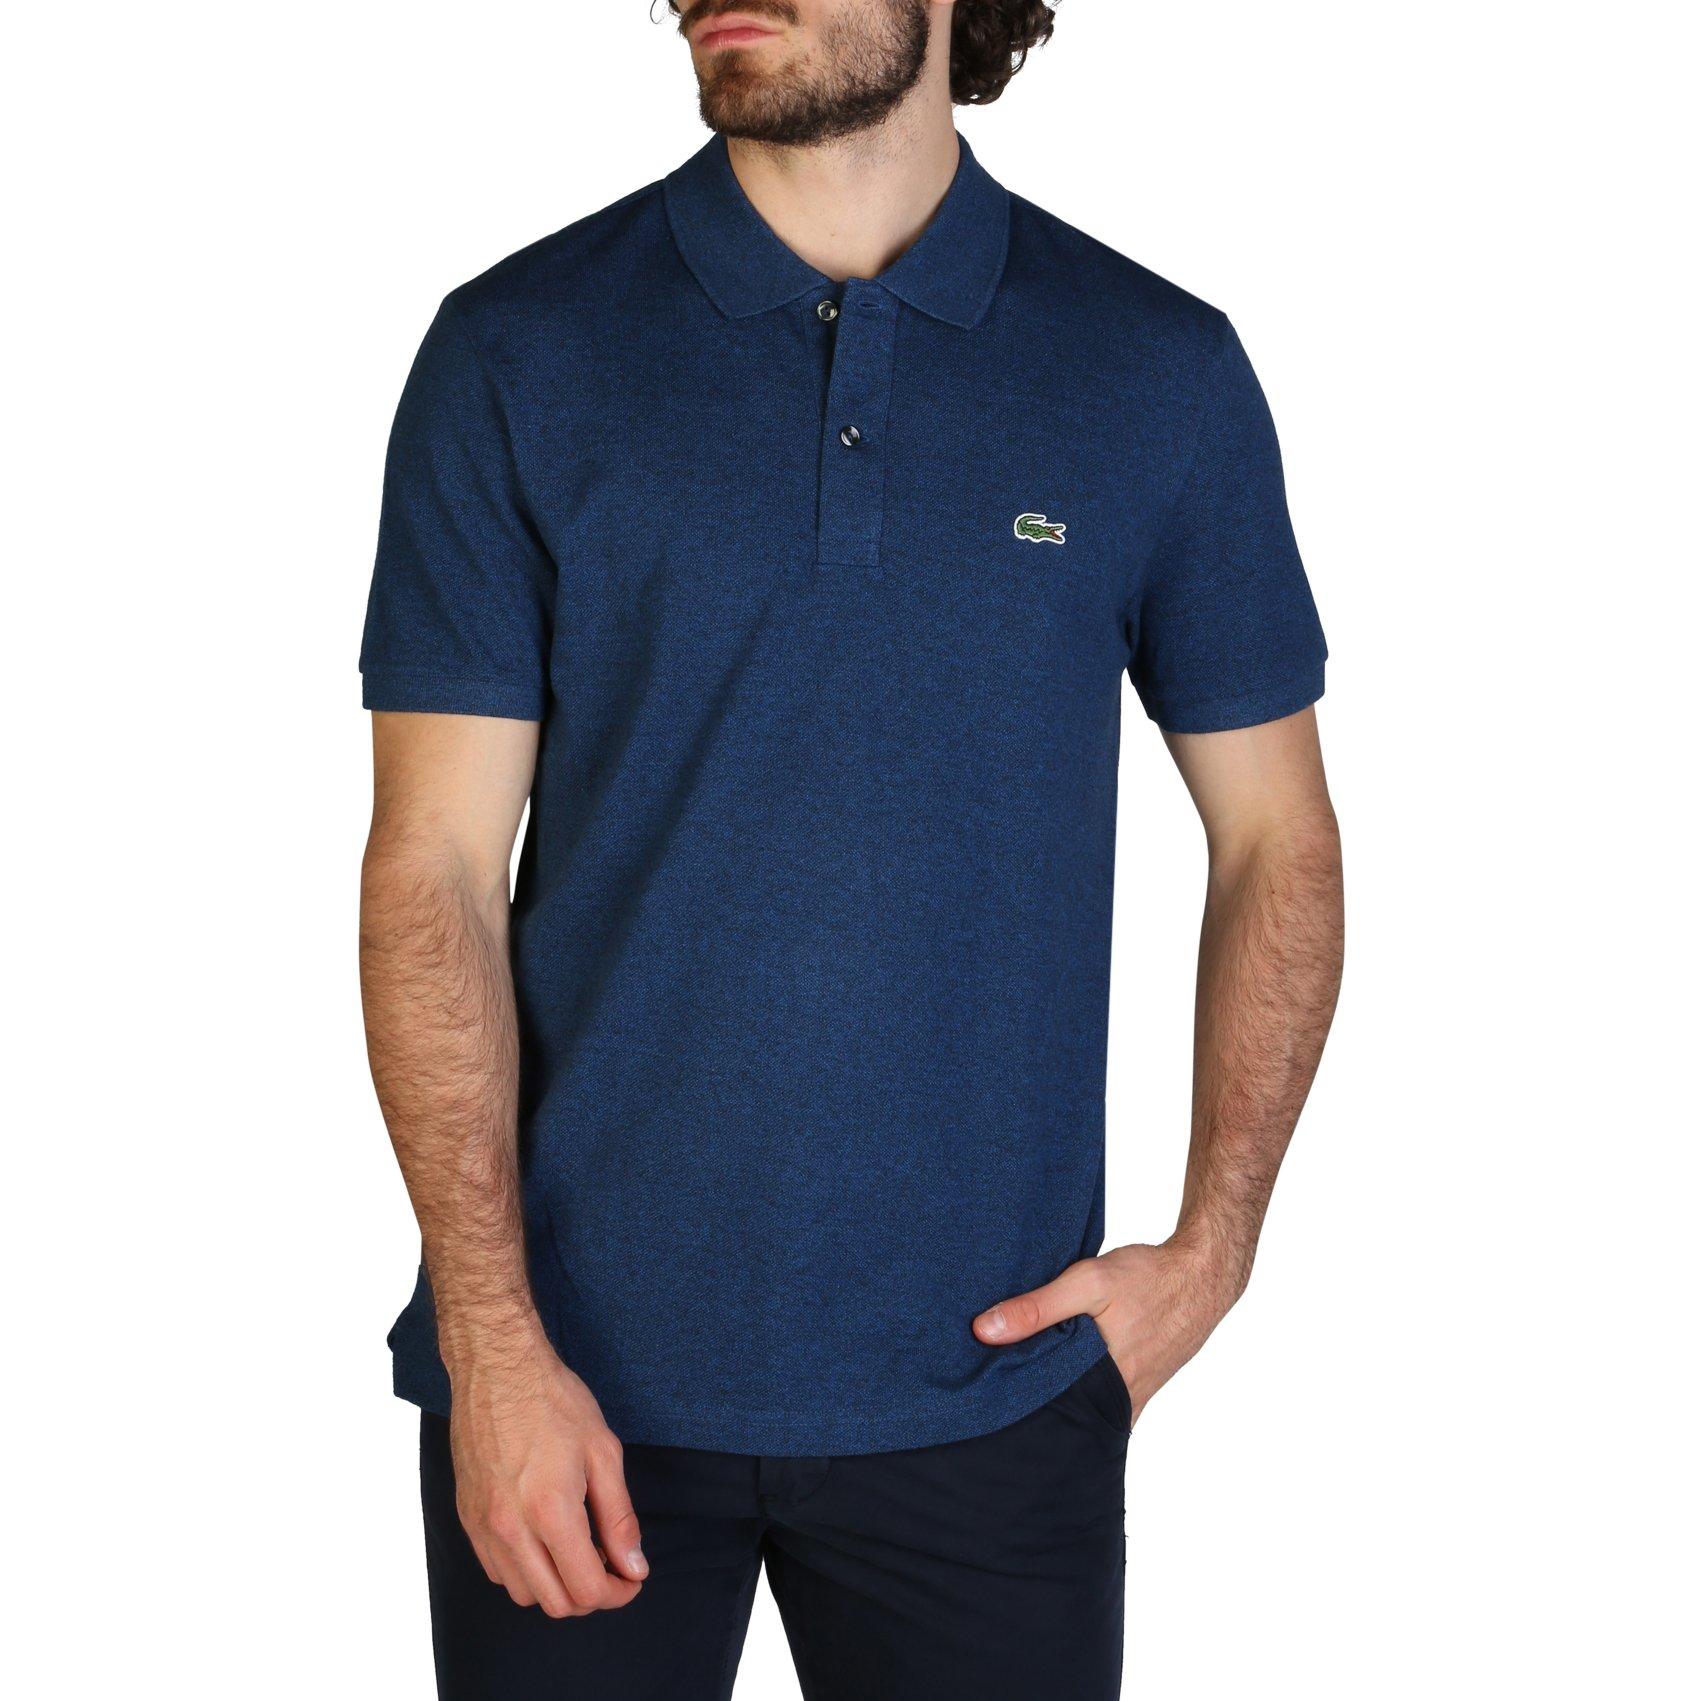 Lacoste Men's Polo Shirt Various Colours PH4012_SLIM - blue-3 S